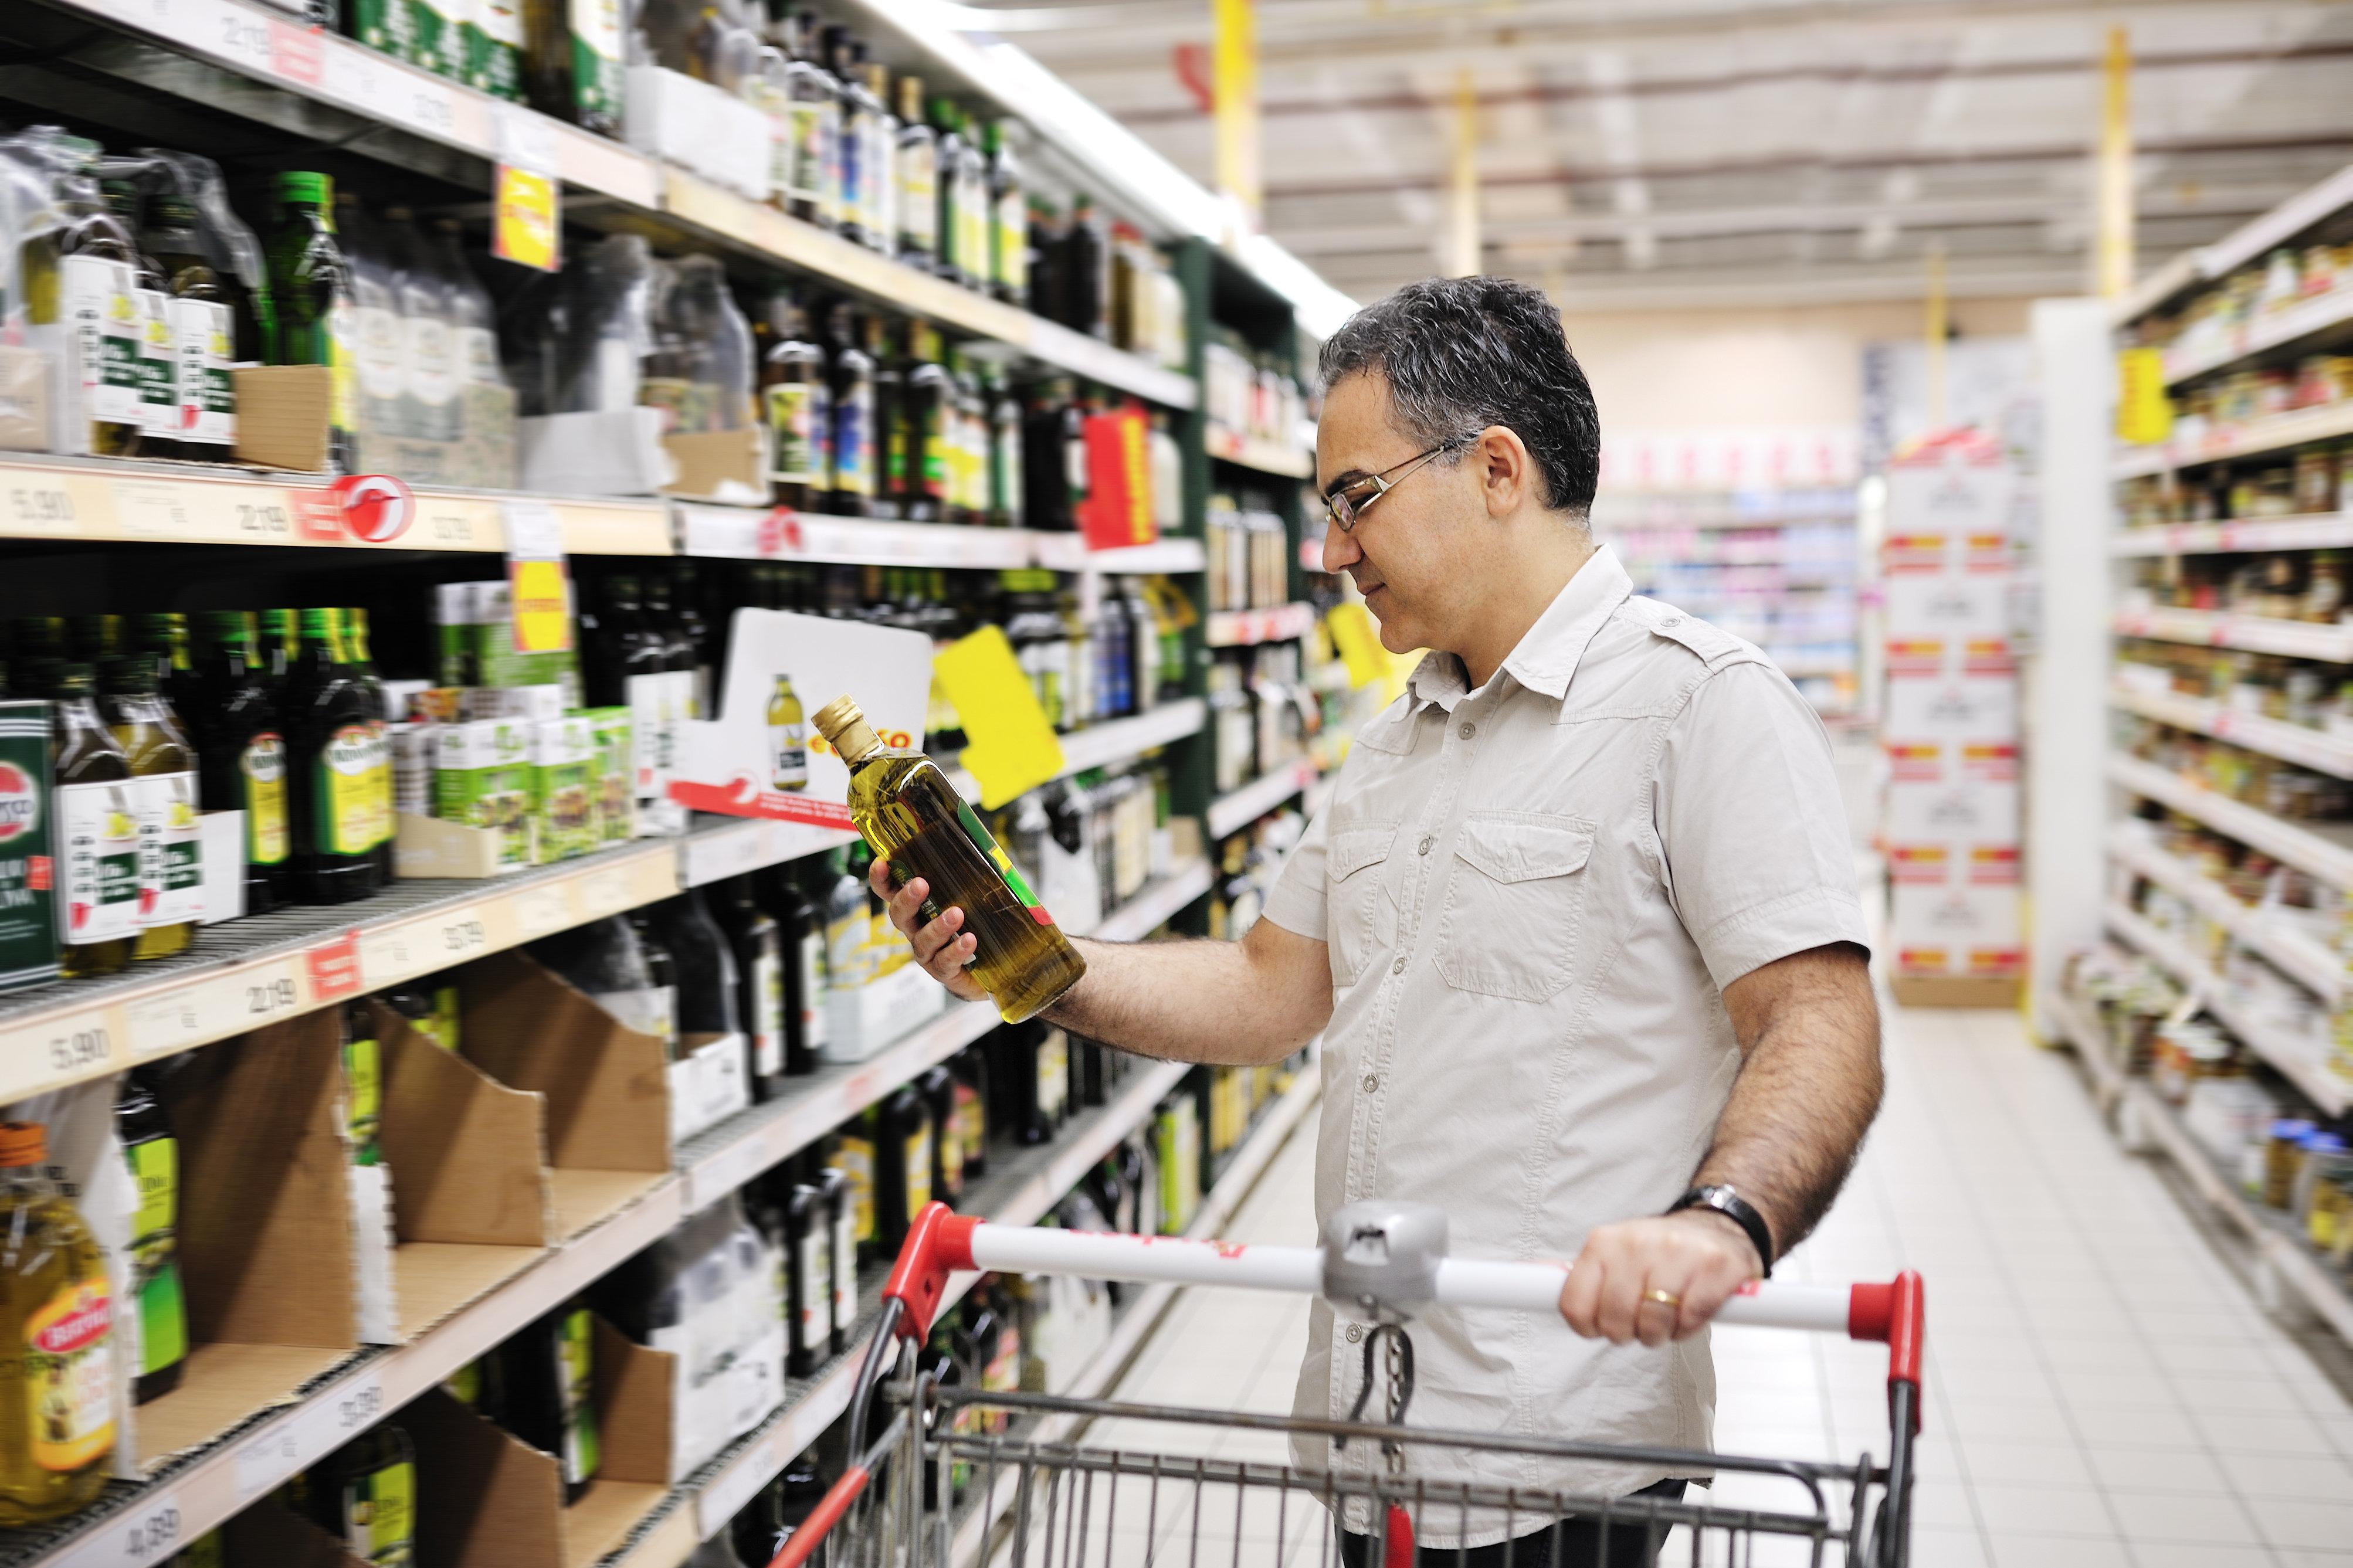 Πρόστιμο -μαμούθ 27 εκατ. ευρώ στην ΕΛΑΪΣ Unilever Hellas για τις μαργαρίνες